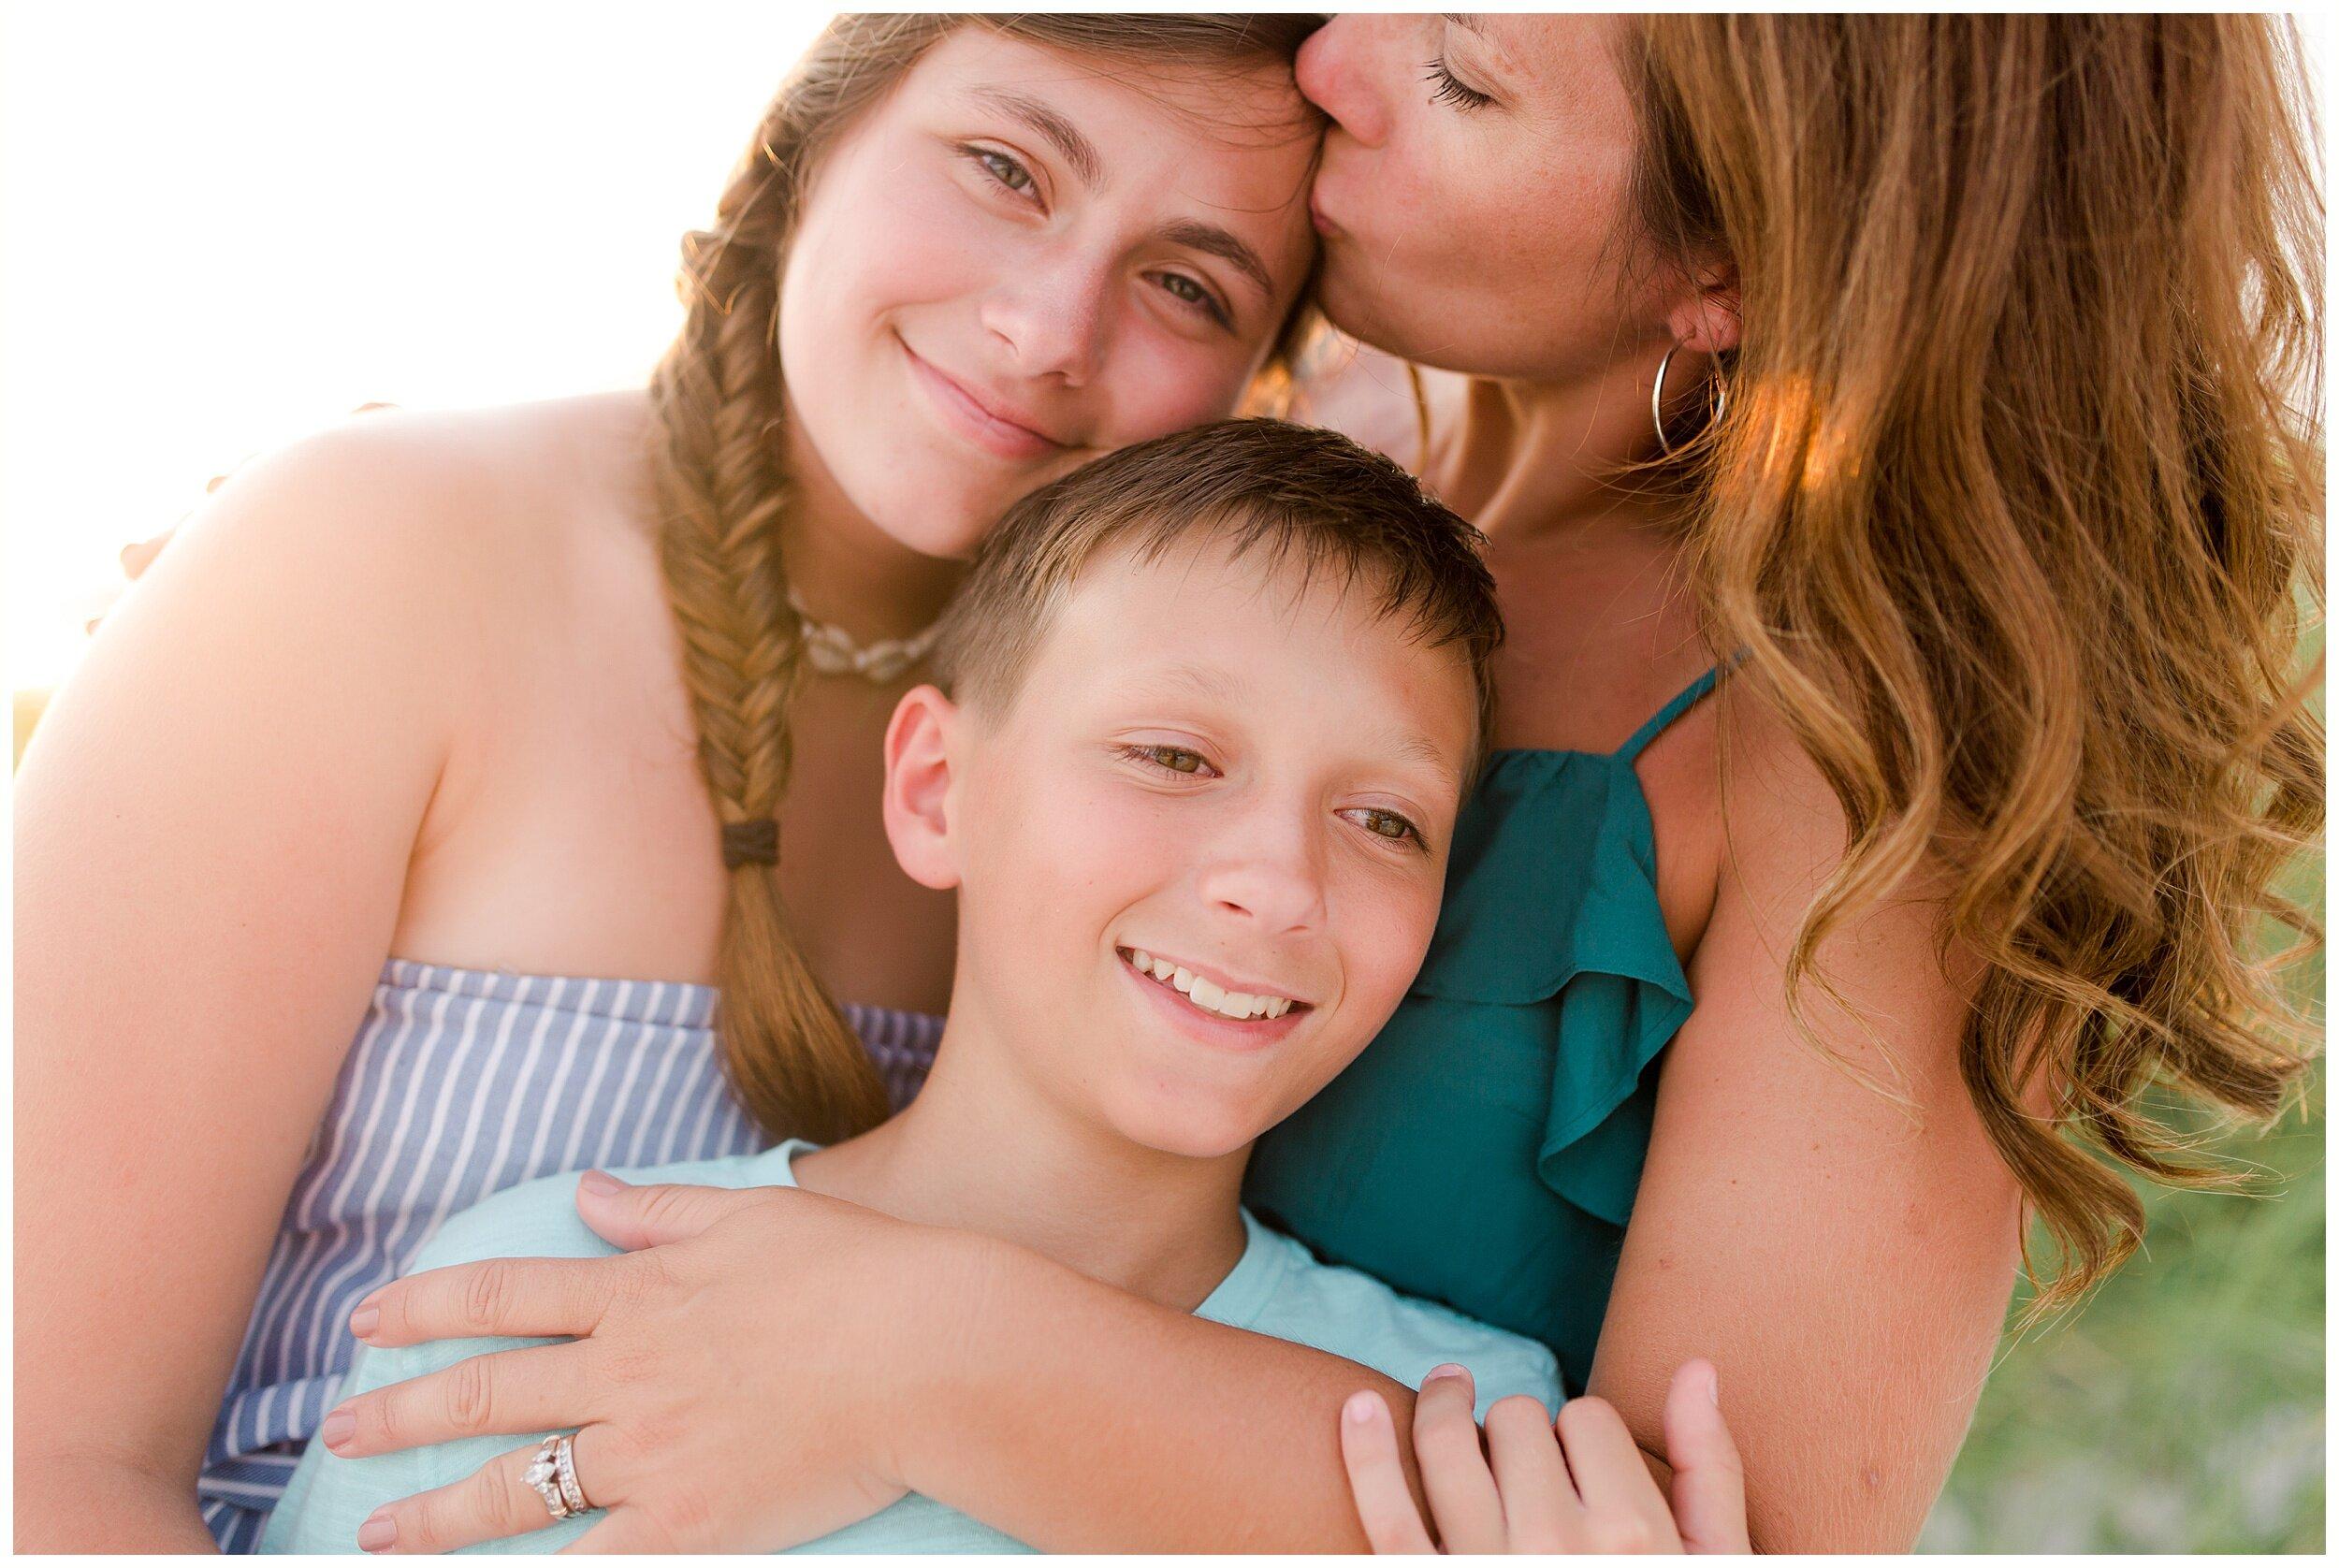 lexington-ky-family-lifestyle-photographer-priscilla-baierlein_1684.jpg